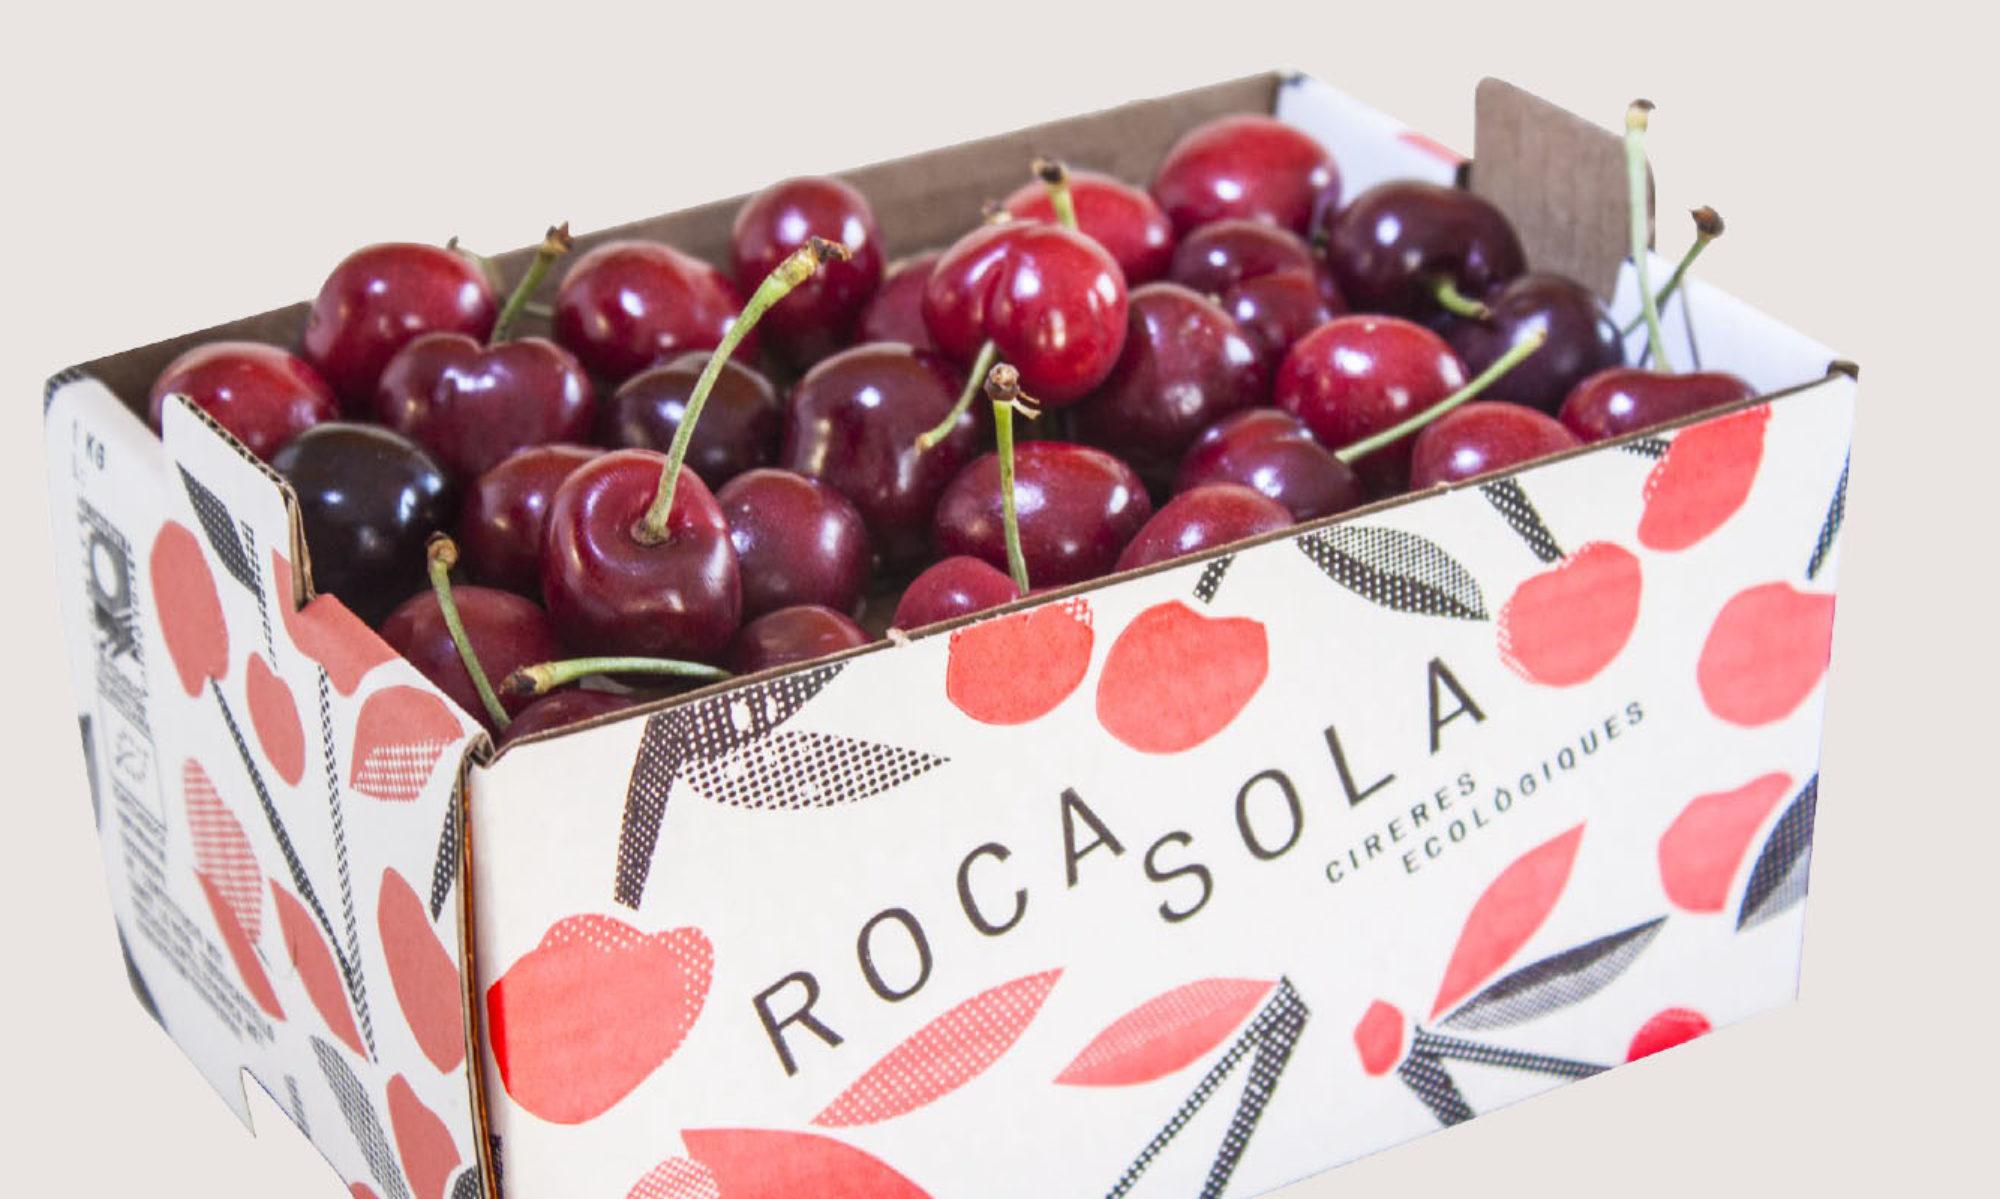 ROCA SOLA Cerezas y productos Ecológicos